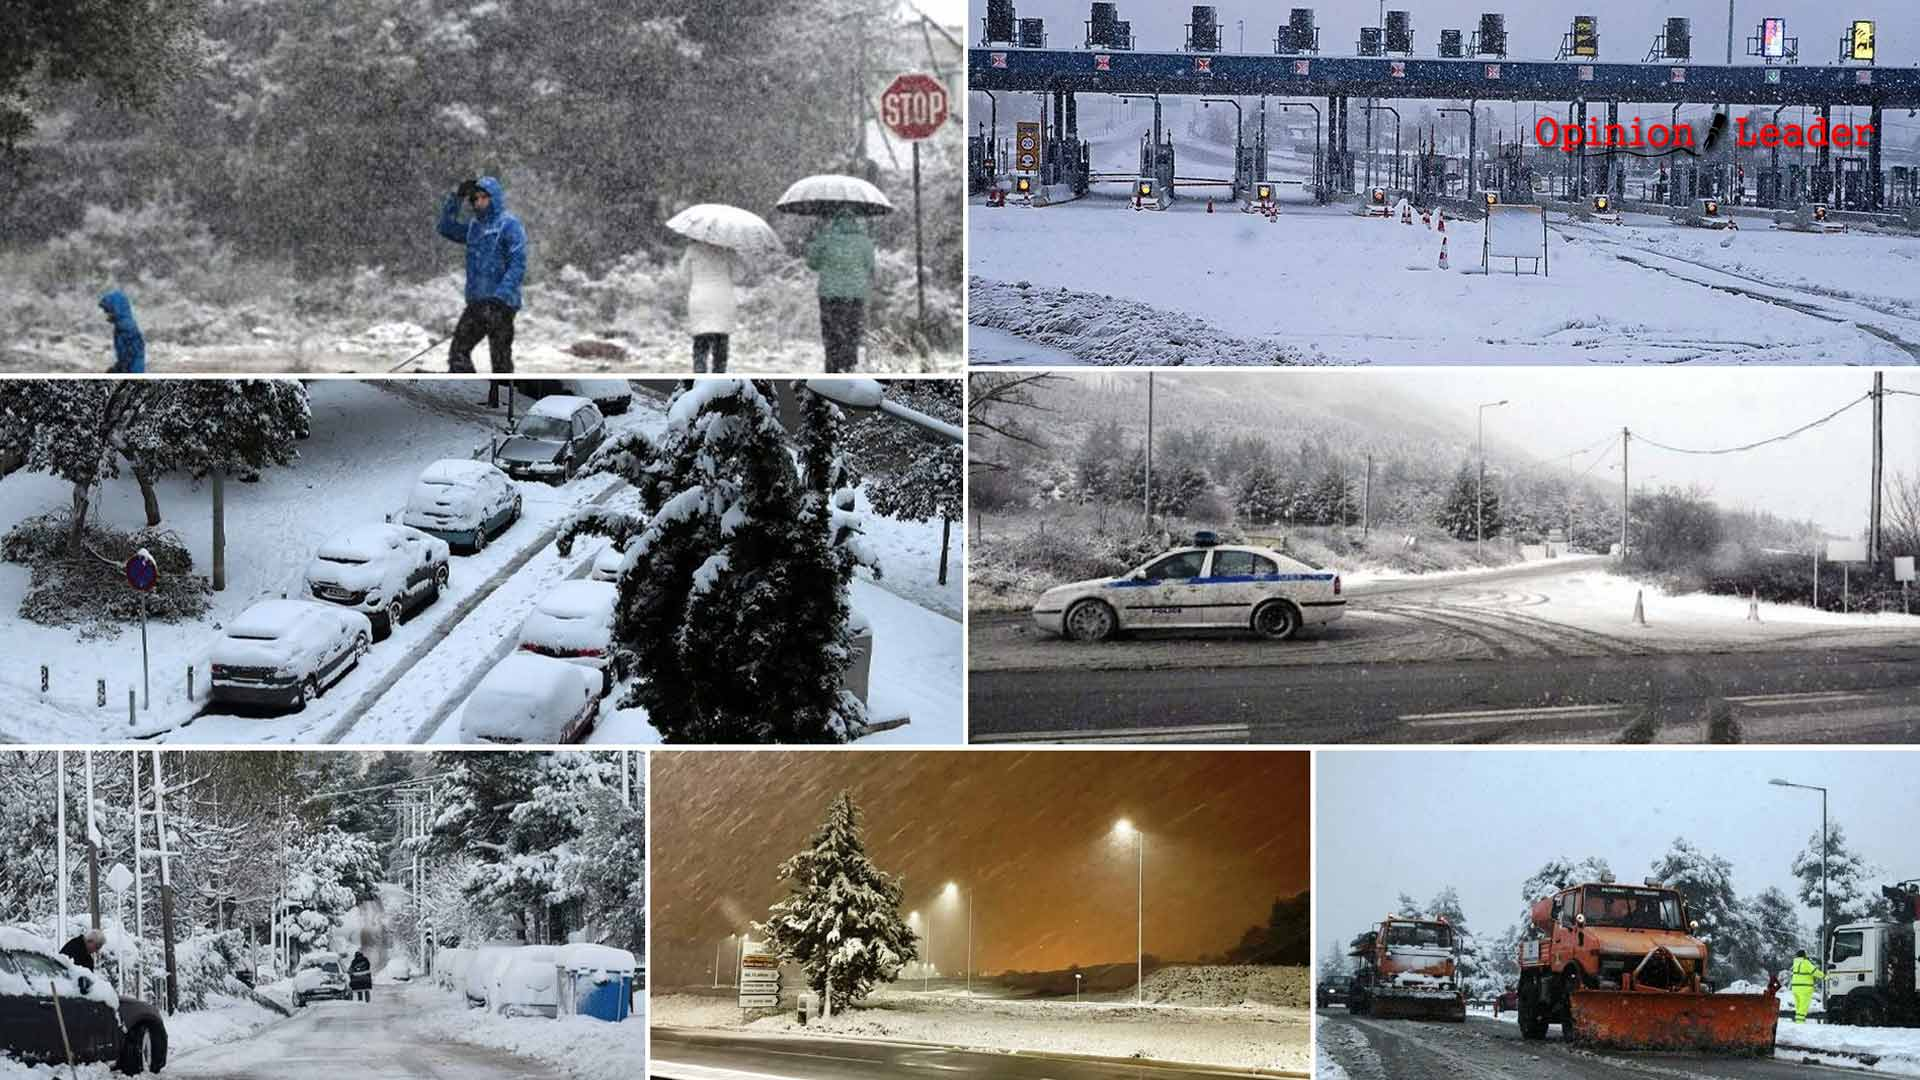 Καιρός Μήδεια - χιονοπτώσεις - Αττική